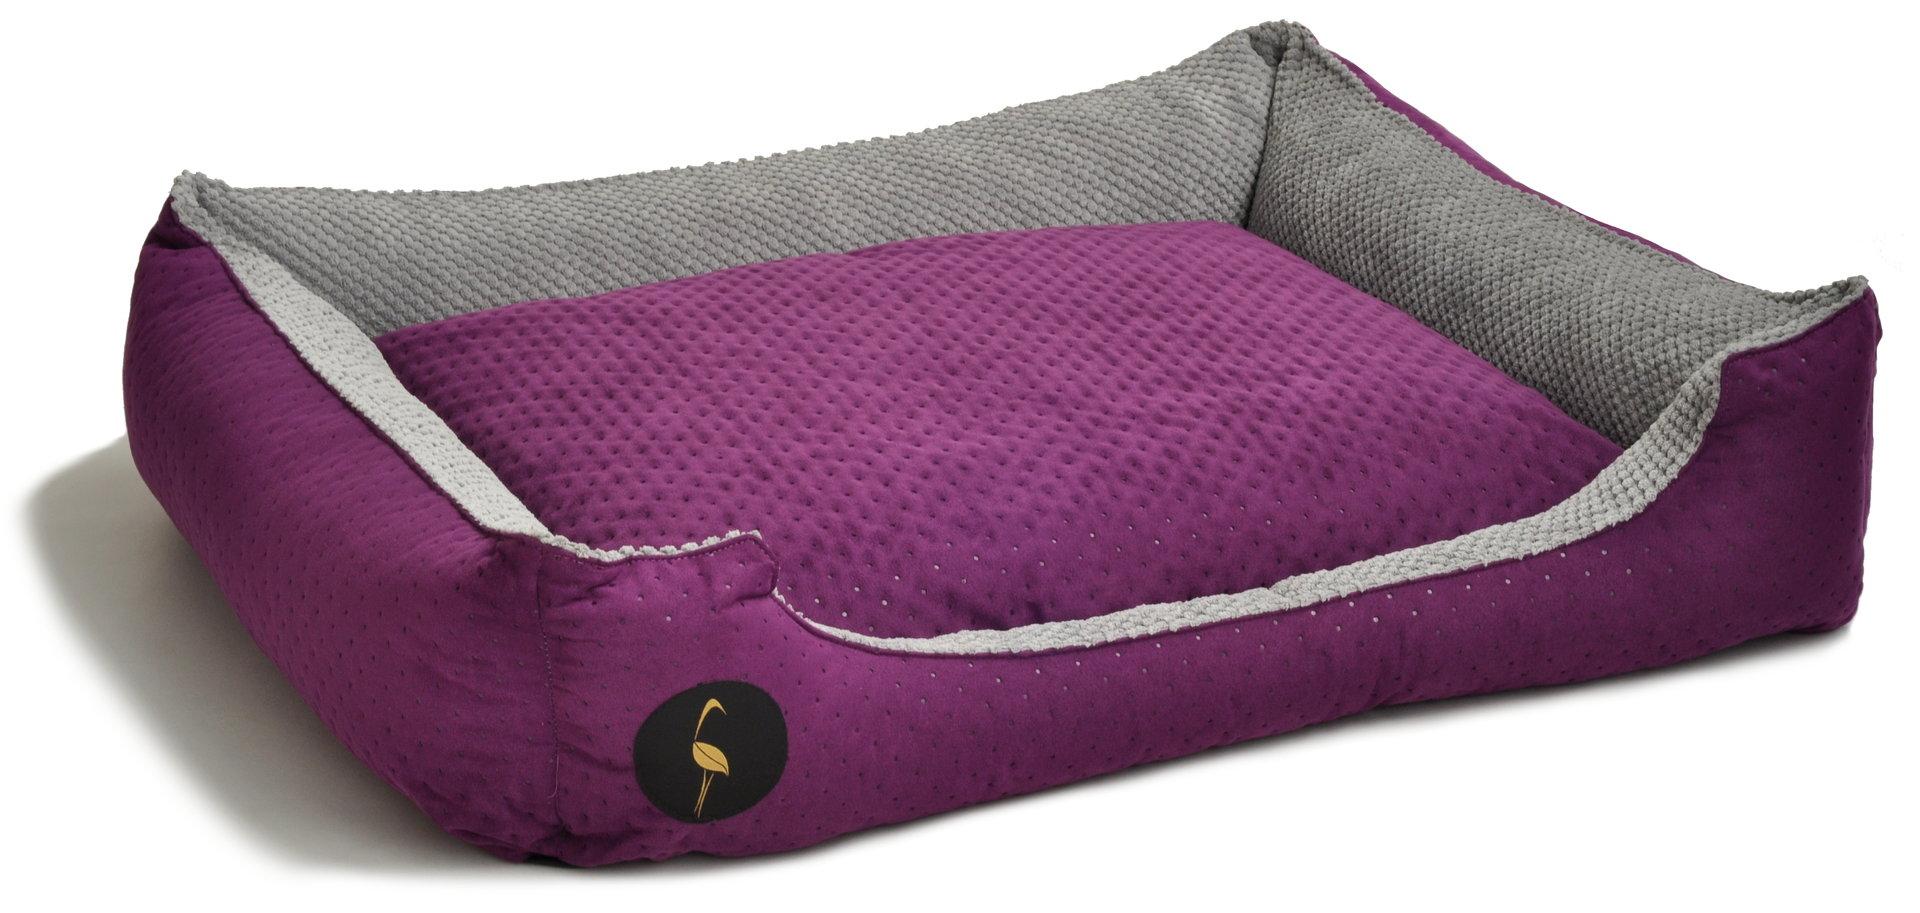 CEZAR violett gesteppt / grau, 3 Größen